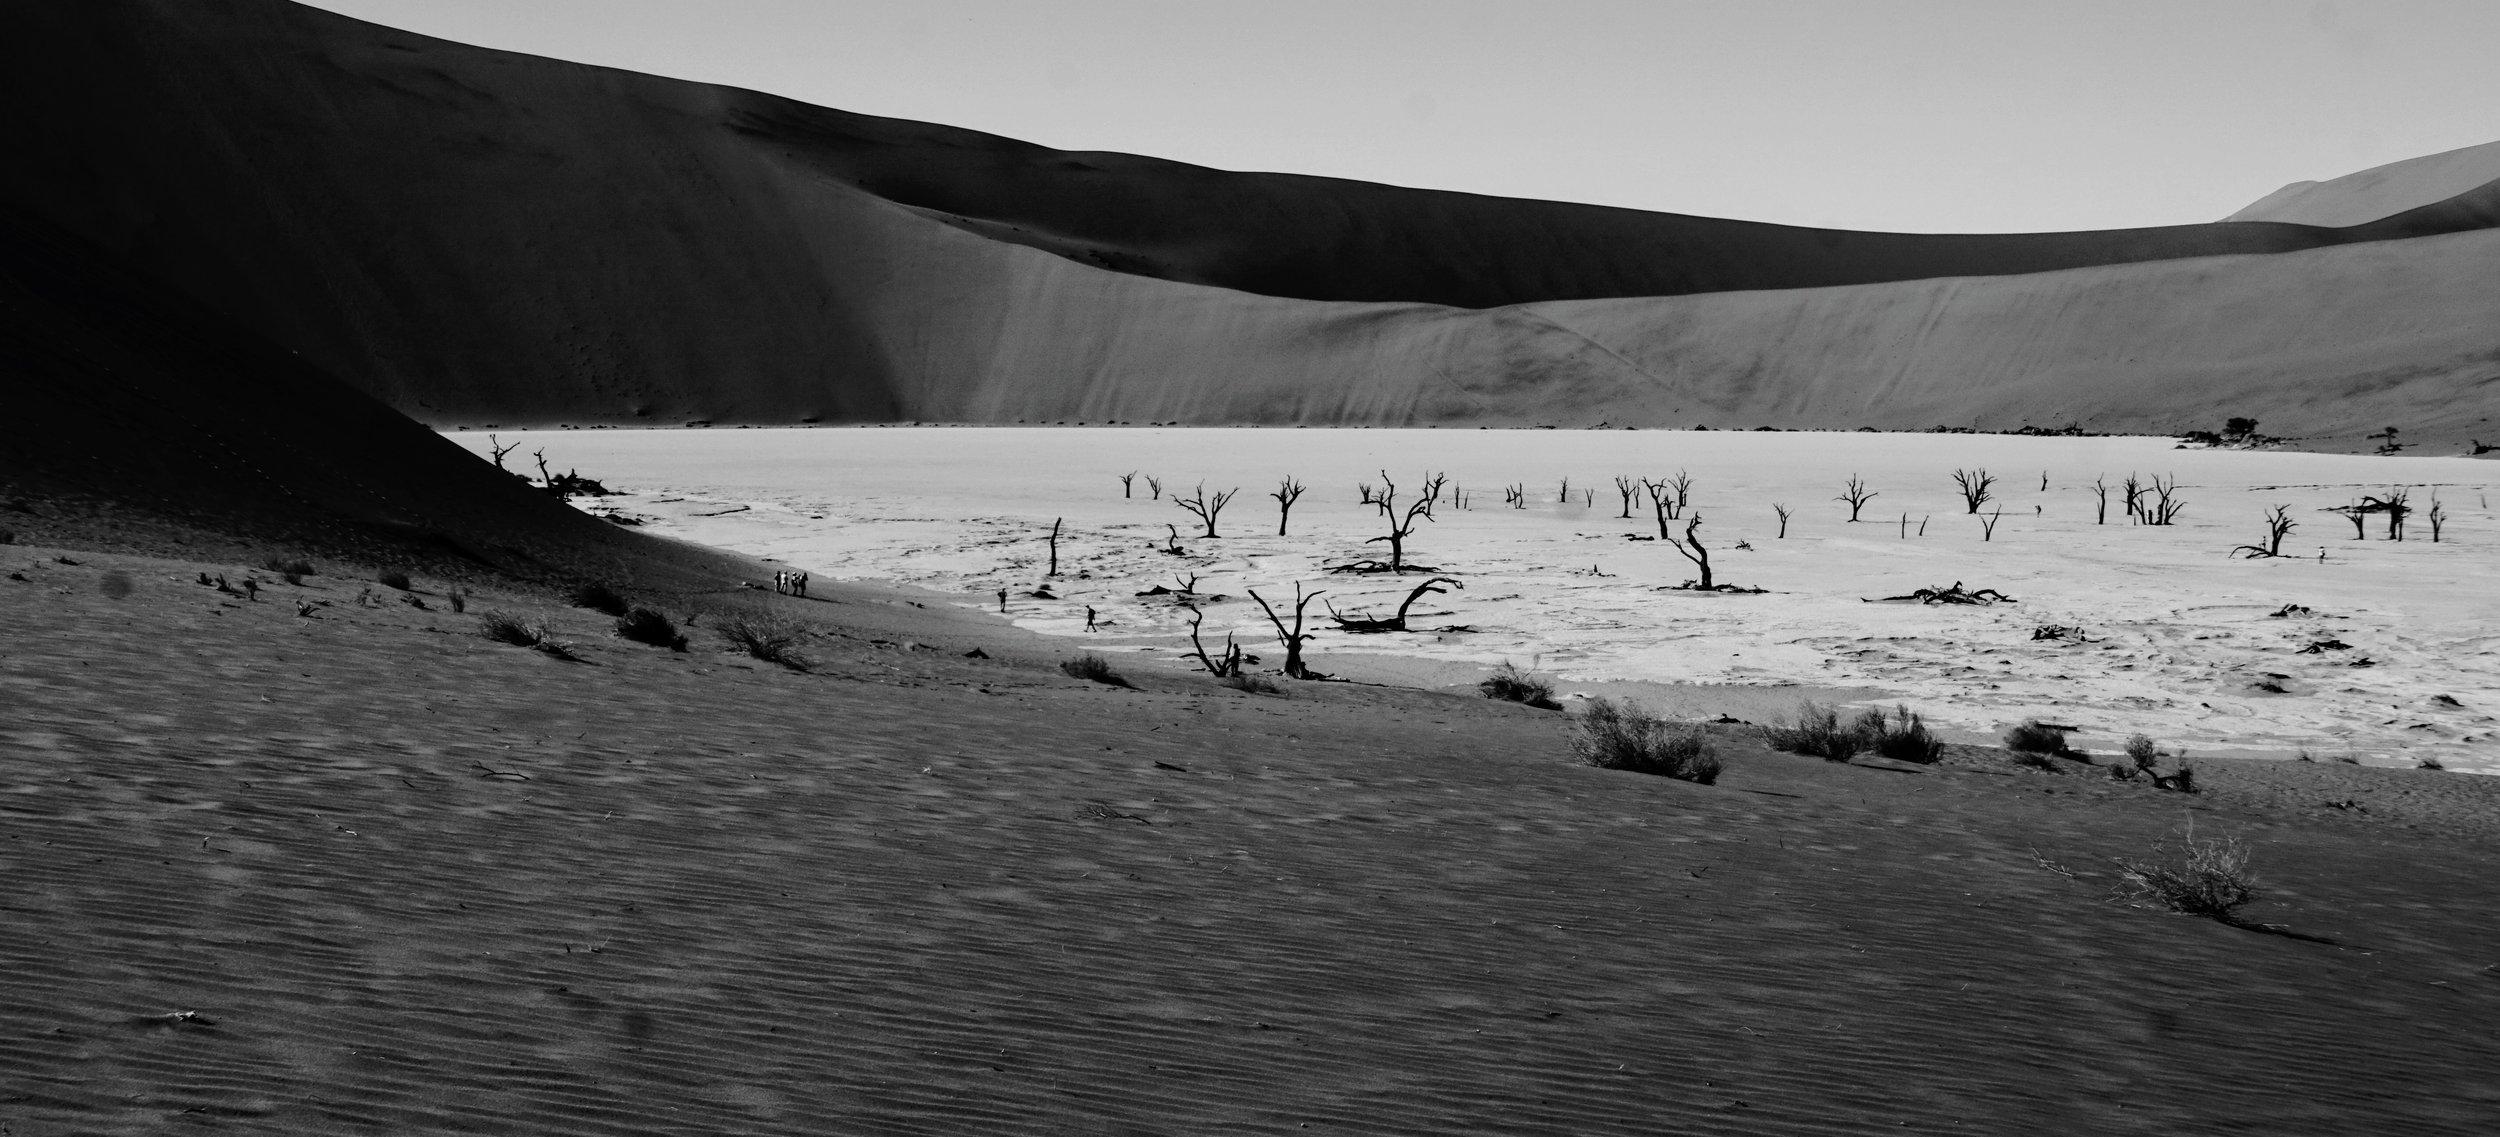 Namibia (2017)